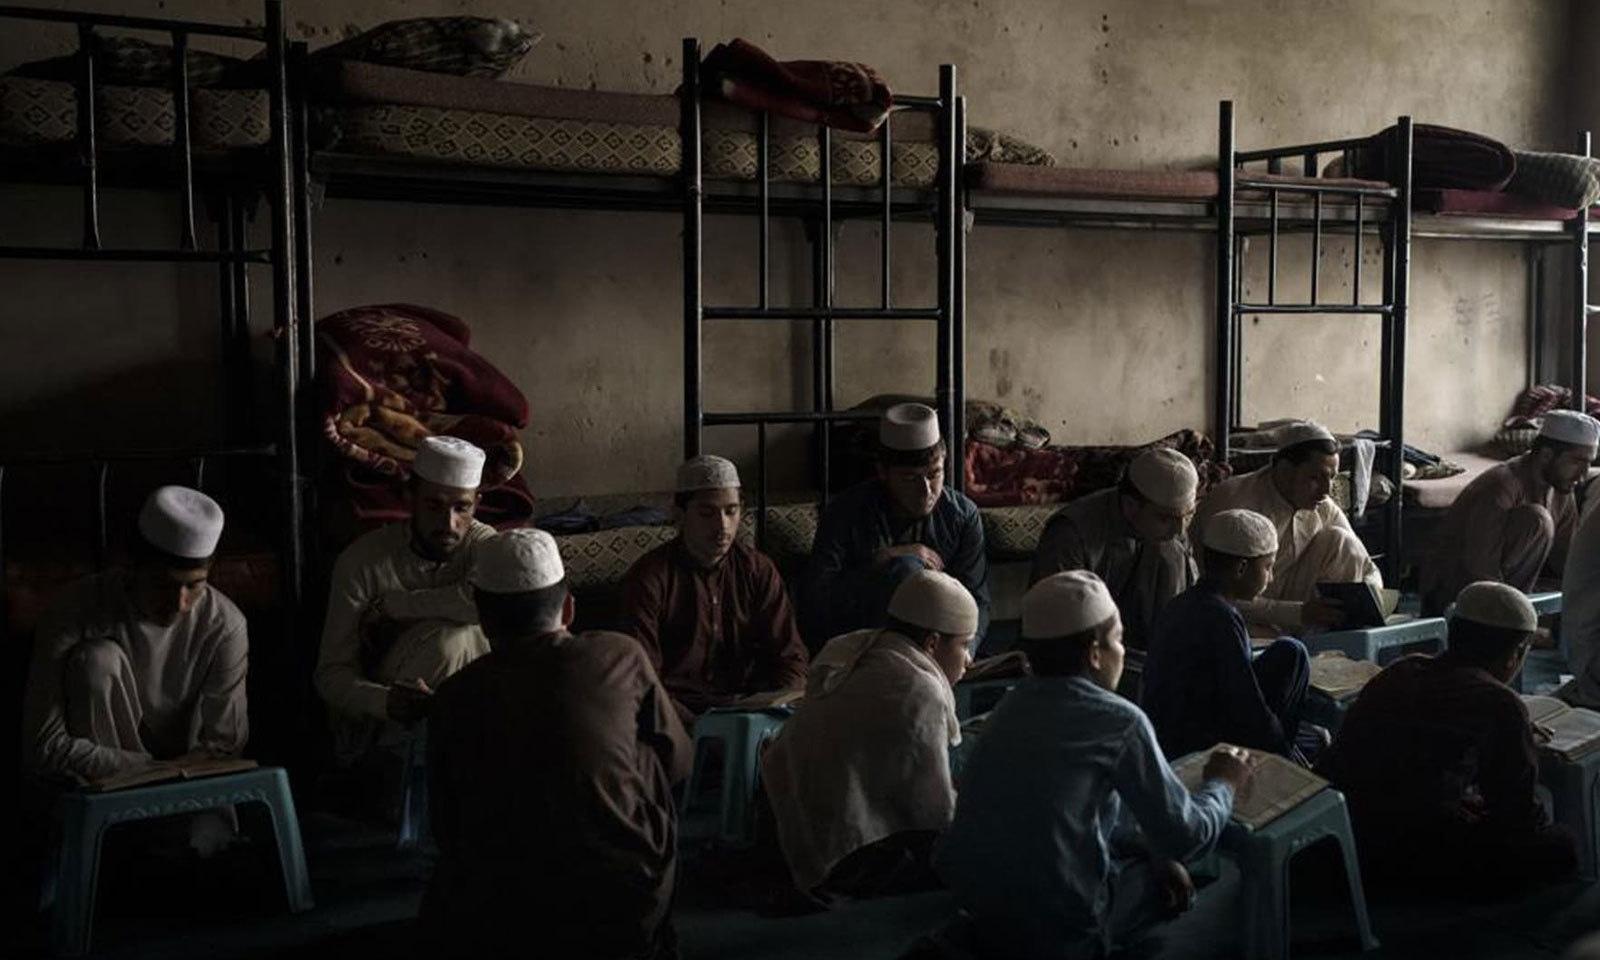 درجنوں نوجوان لڑکے ایک دائرے کی شکل میں بیٹے اپنے استاد عصمت اللہ سبق پڑھ رہے ہیں — فوٹو: اے پی